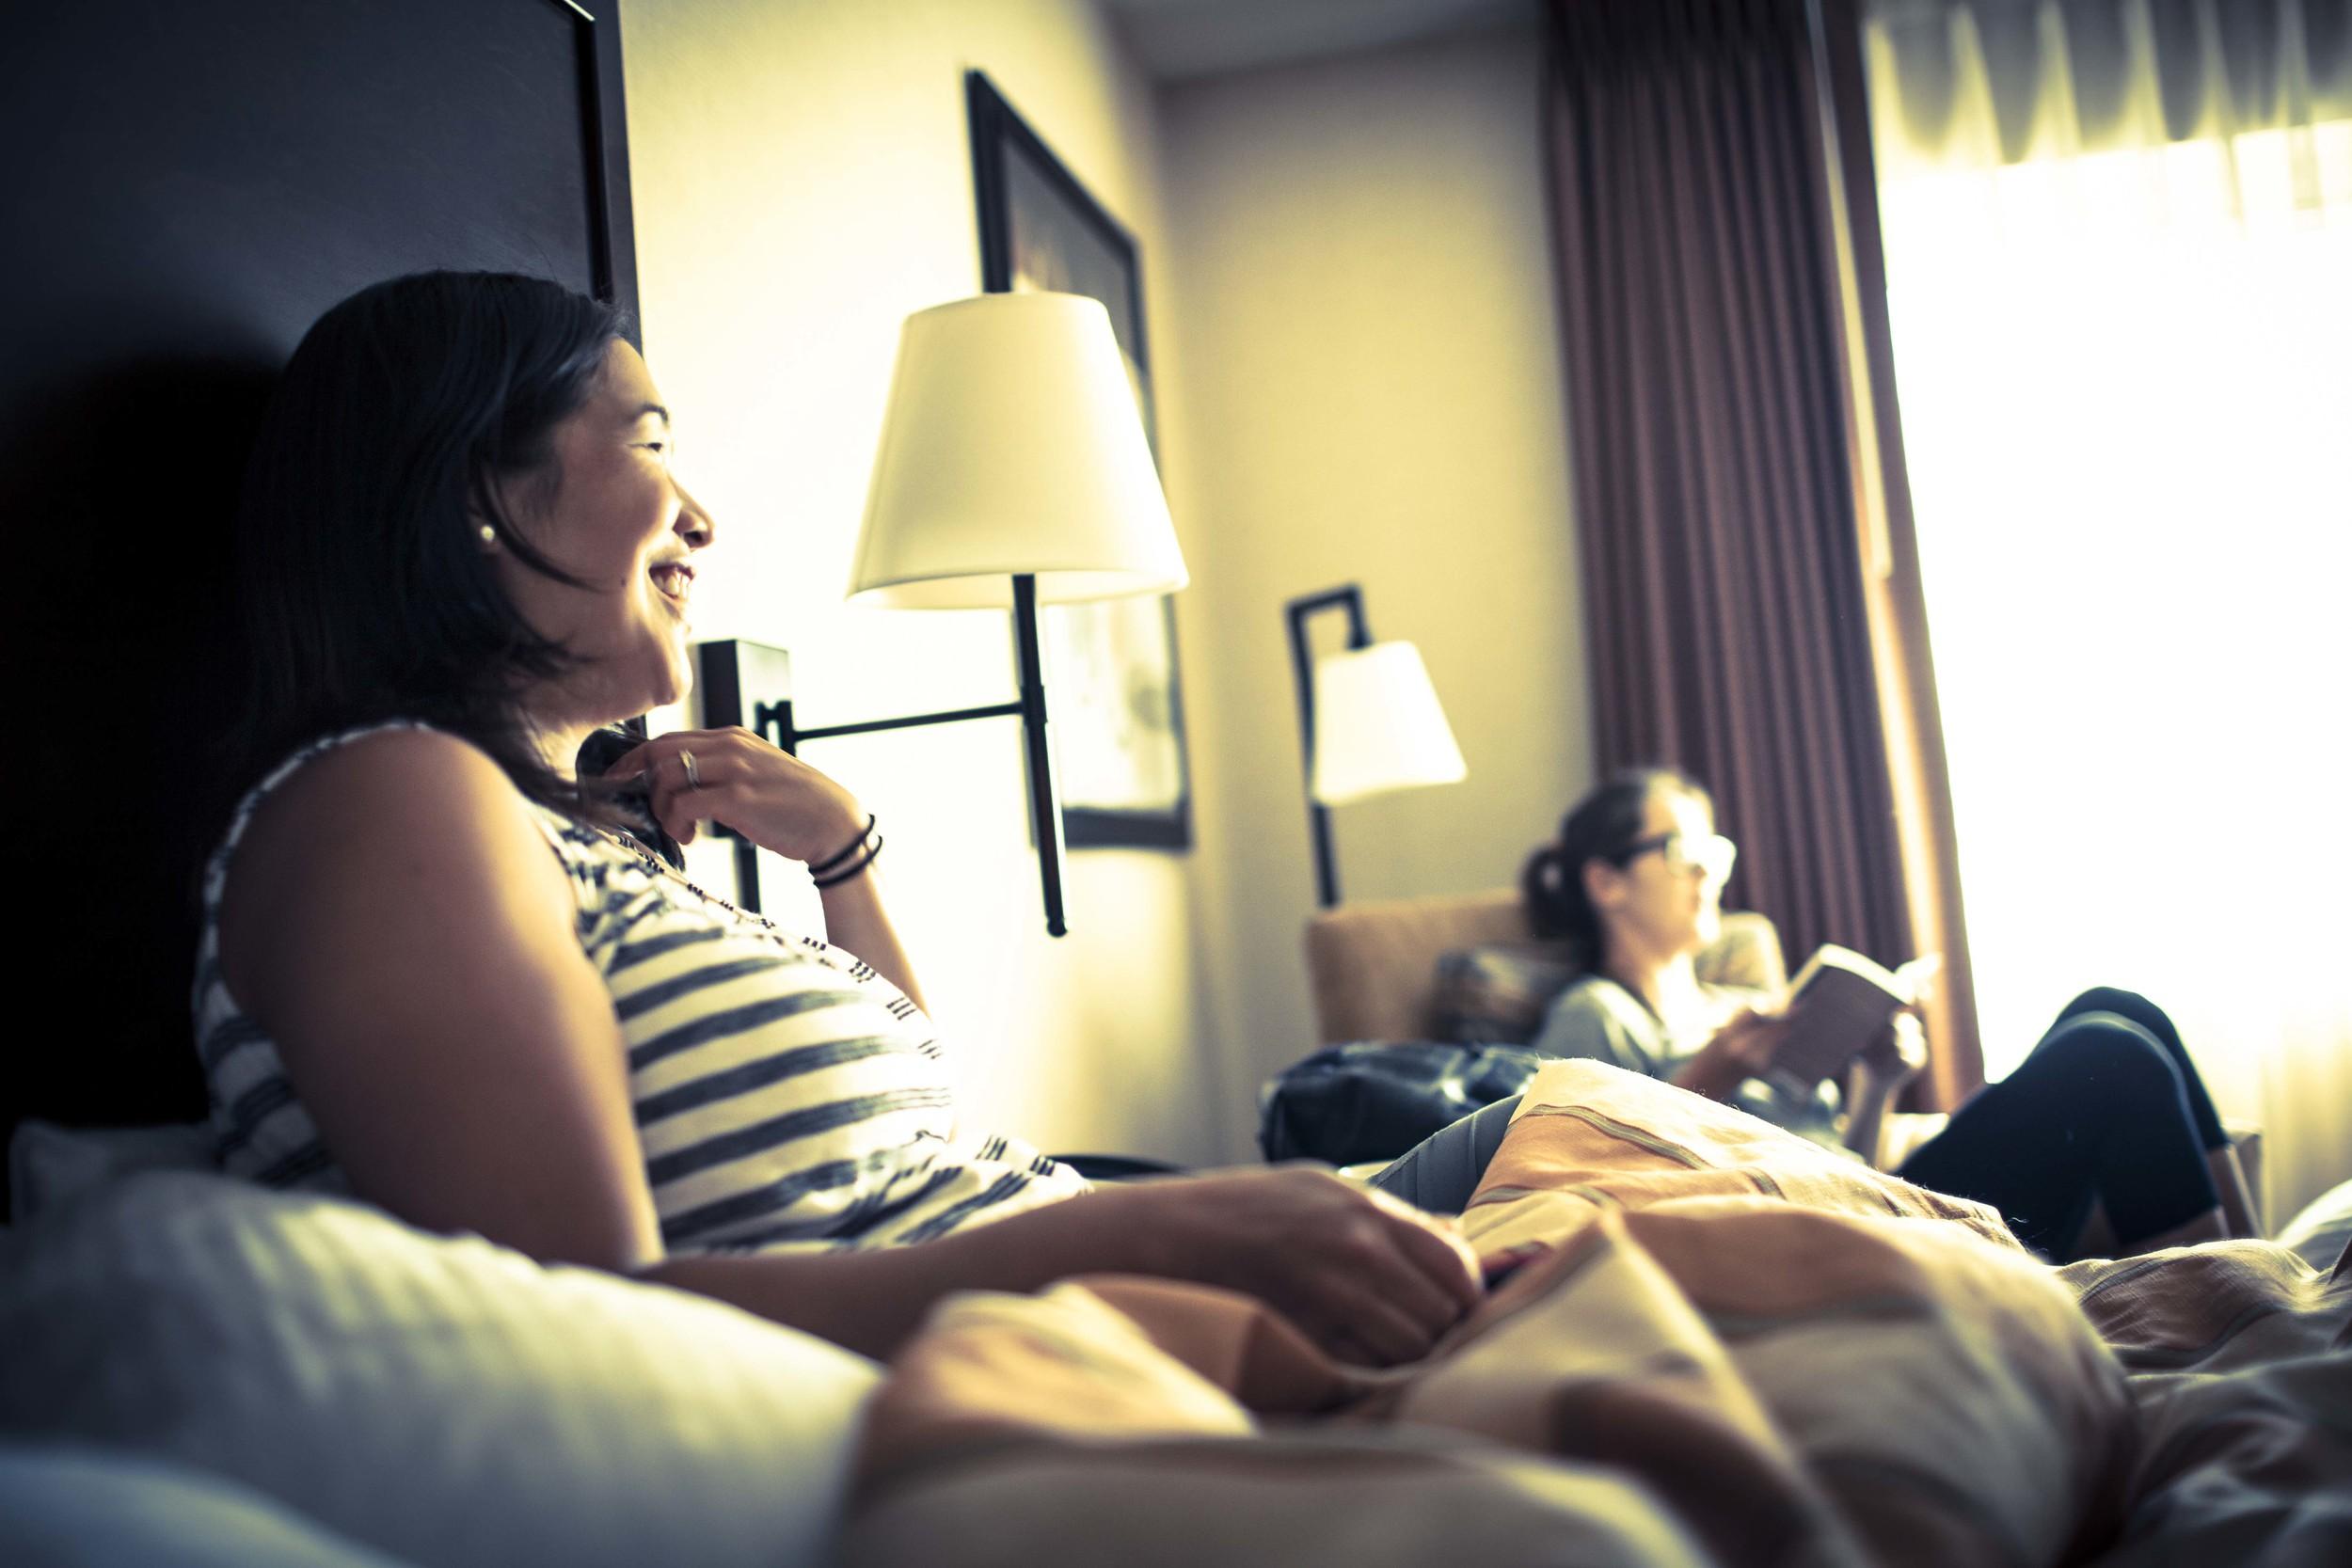 Lisa&Leah_2013 (6 of 524).jpg